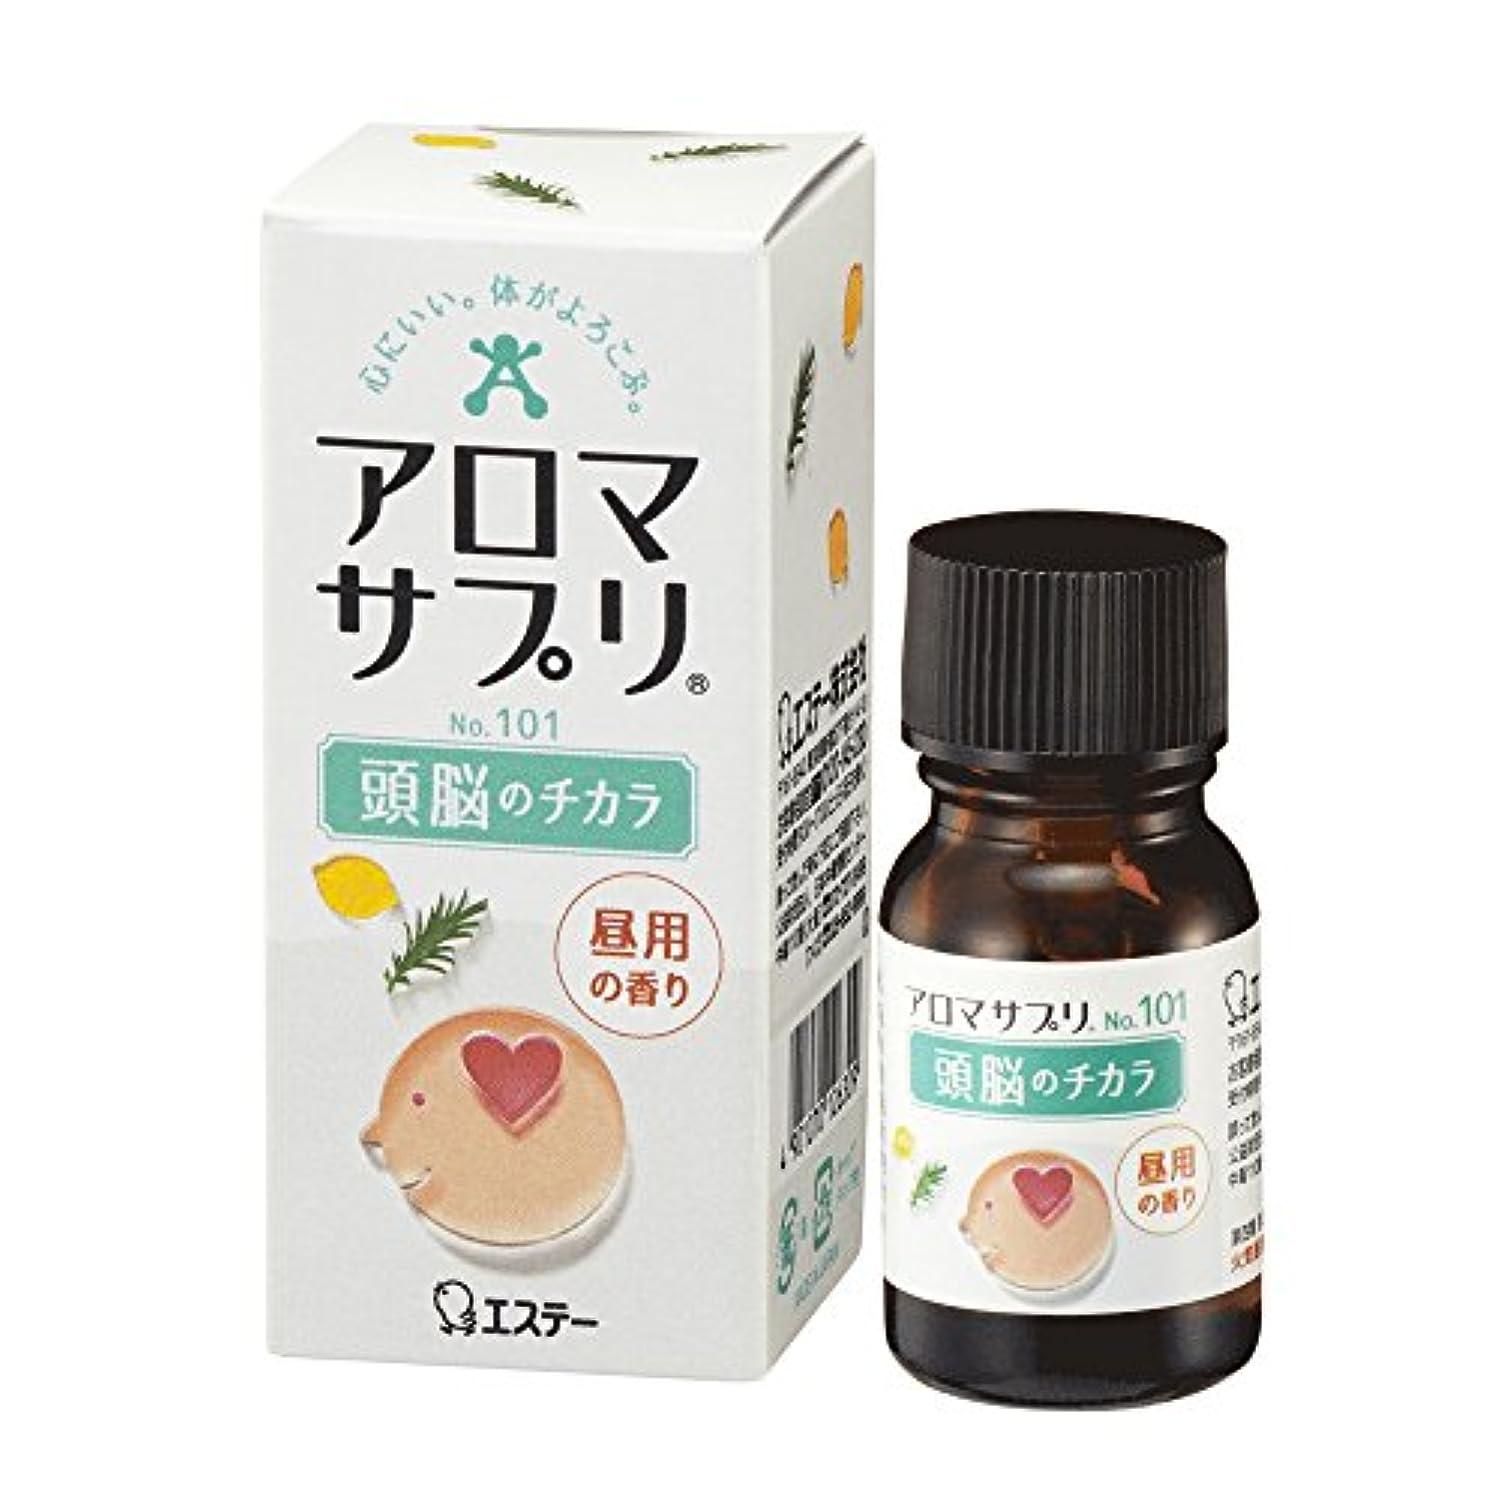 取り除くエイズ地区アロマサプリ 100%天然ブレンドアロマ 頭脳のチカラ 昼用の香り ローズマリーカンファー&レモン 10ml (約60回分)